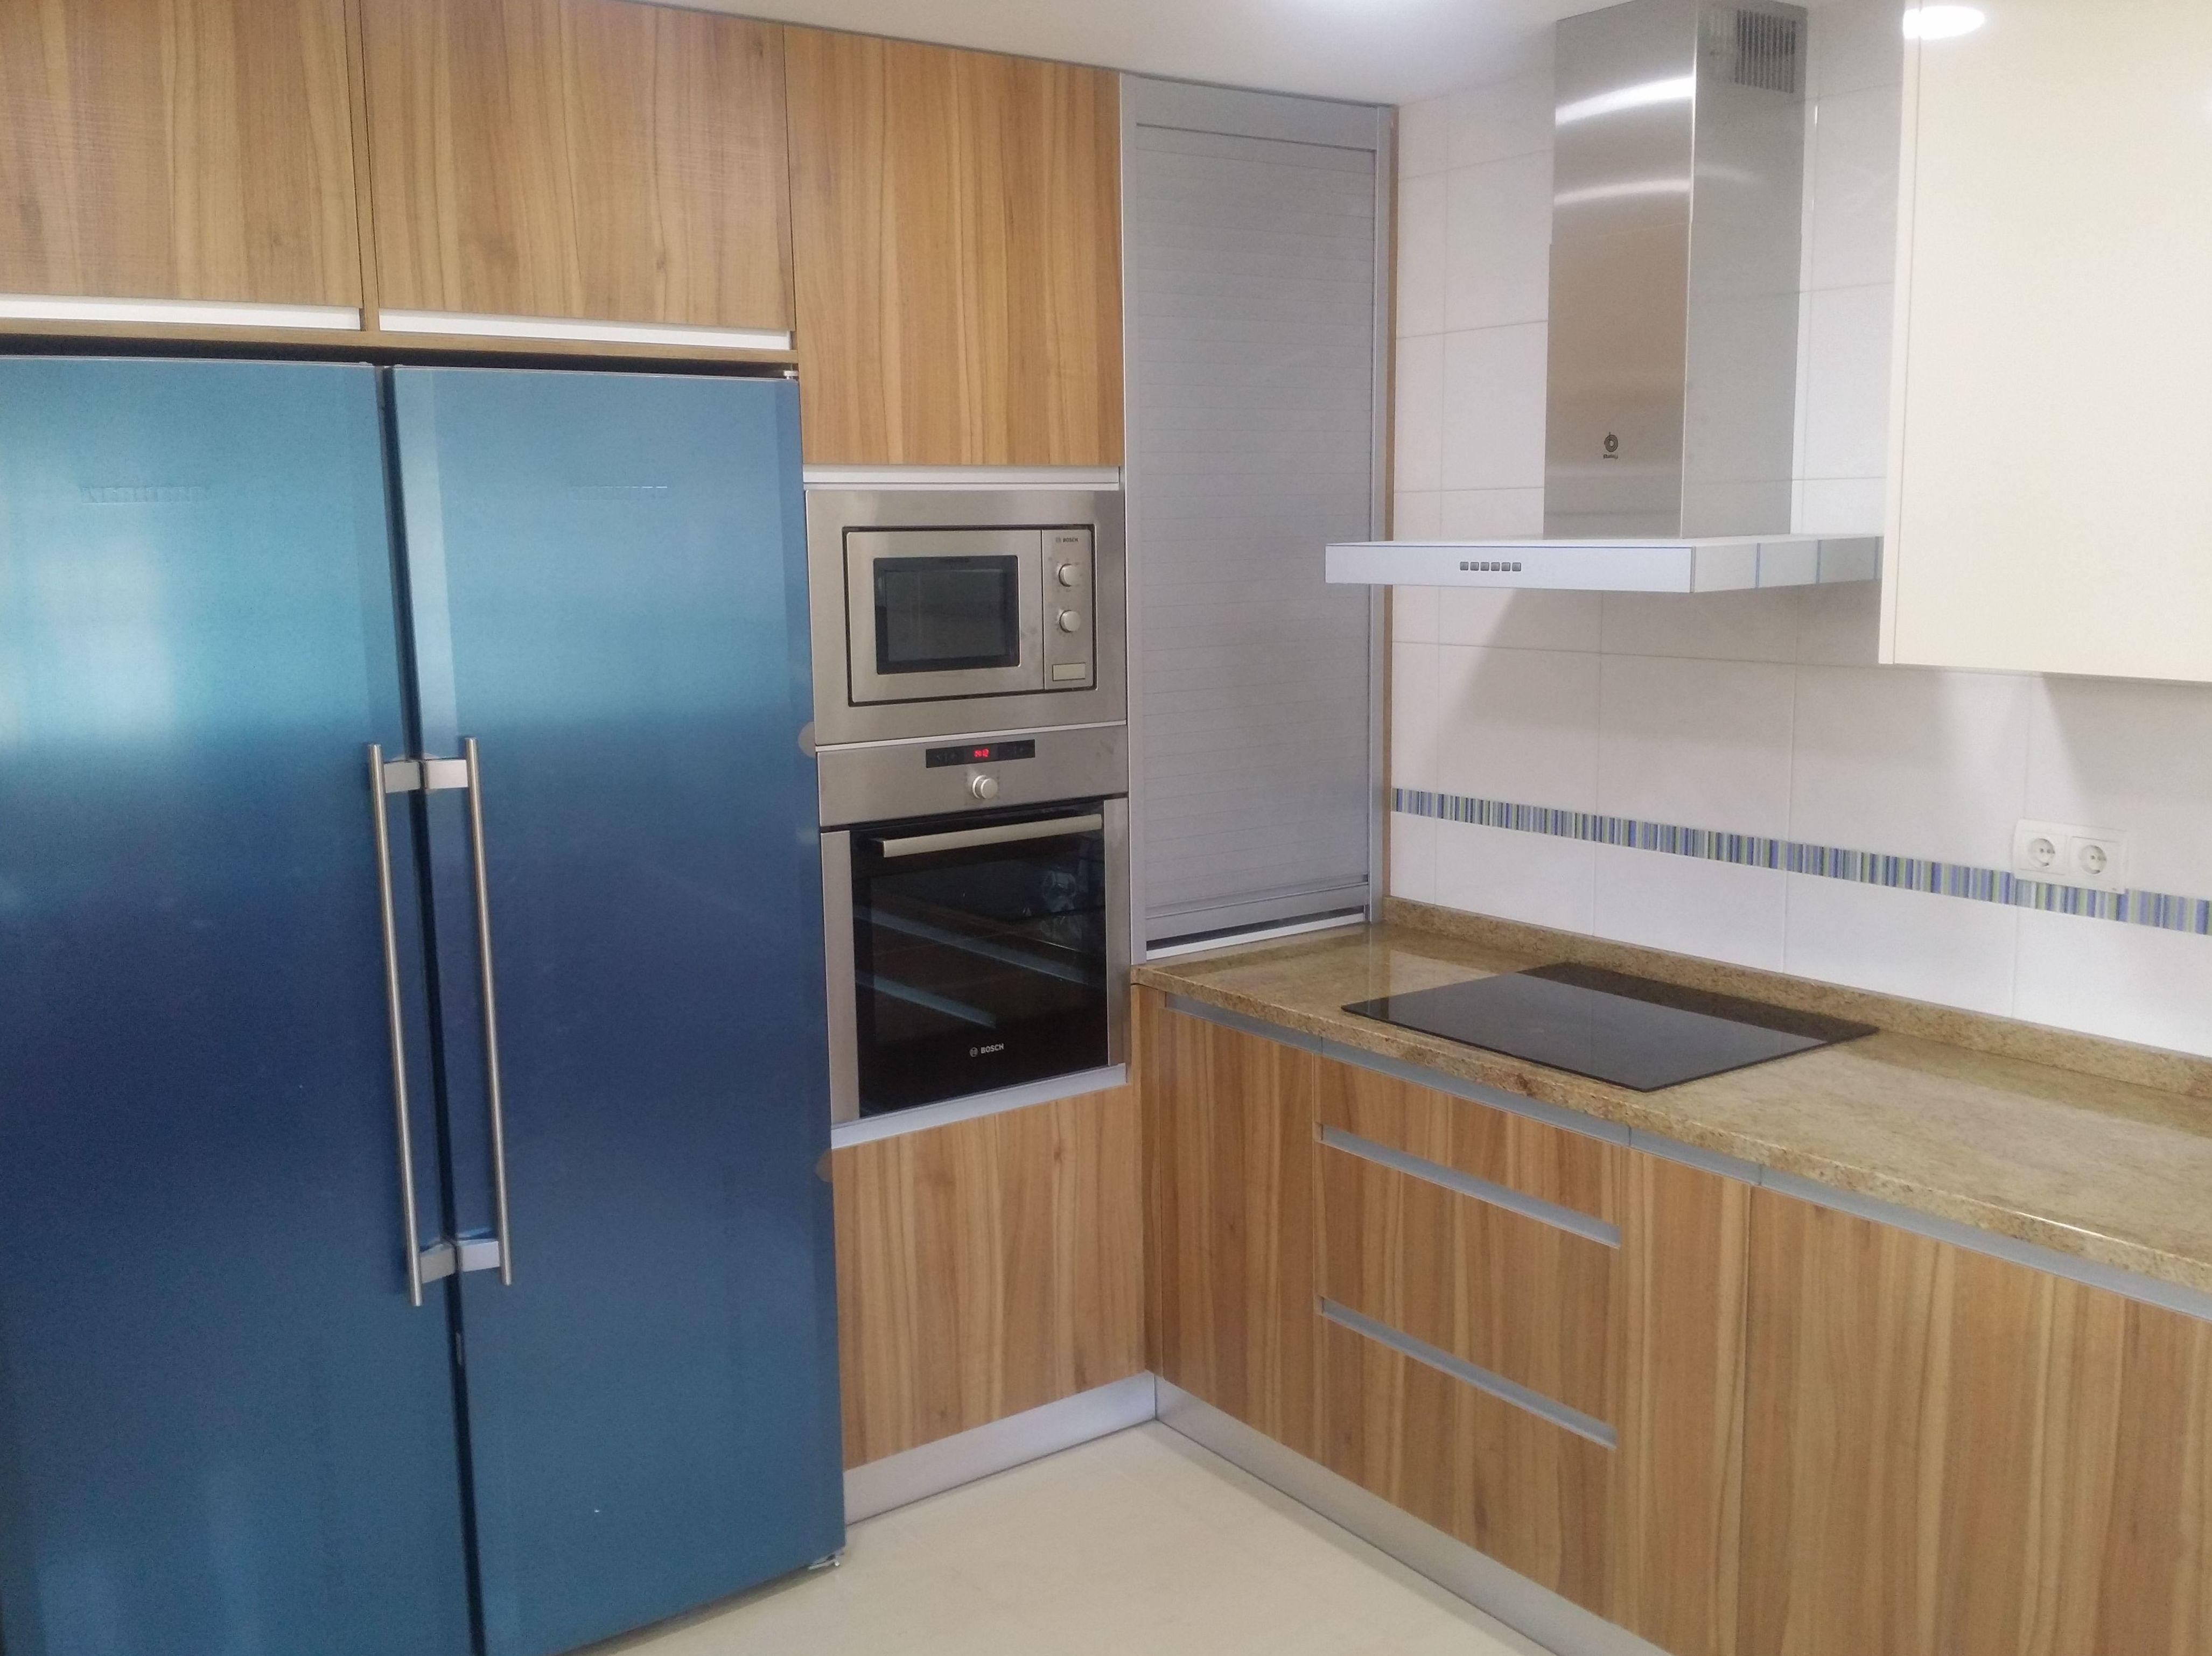 muebles de cocina baratos humanes